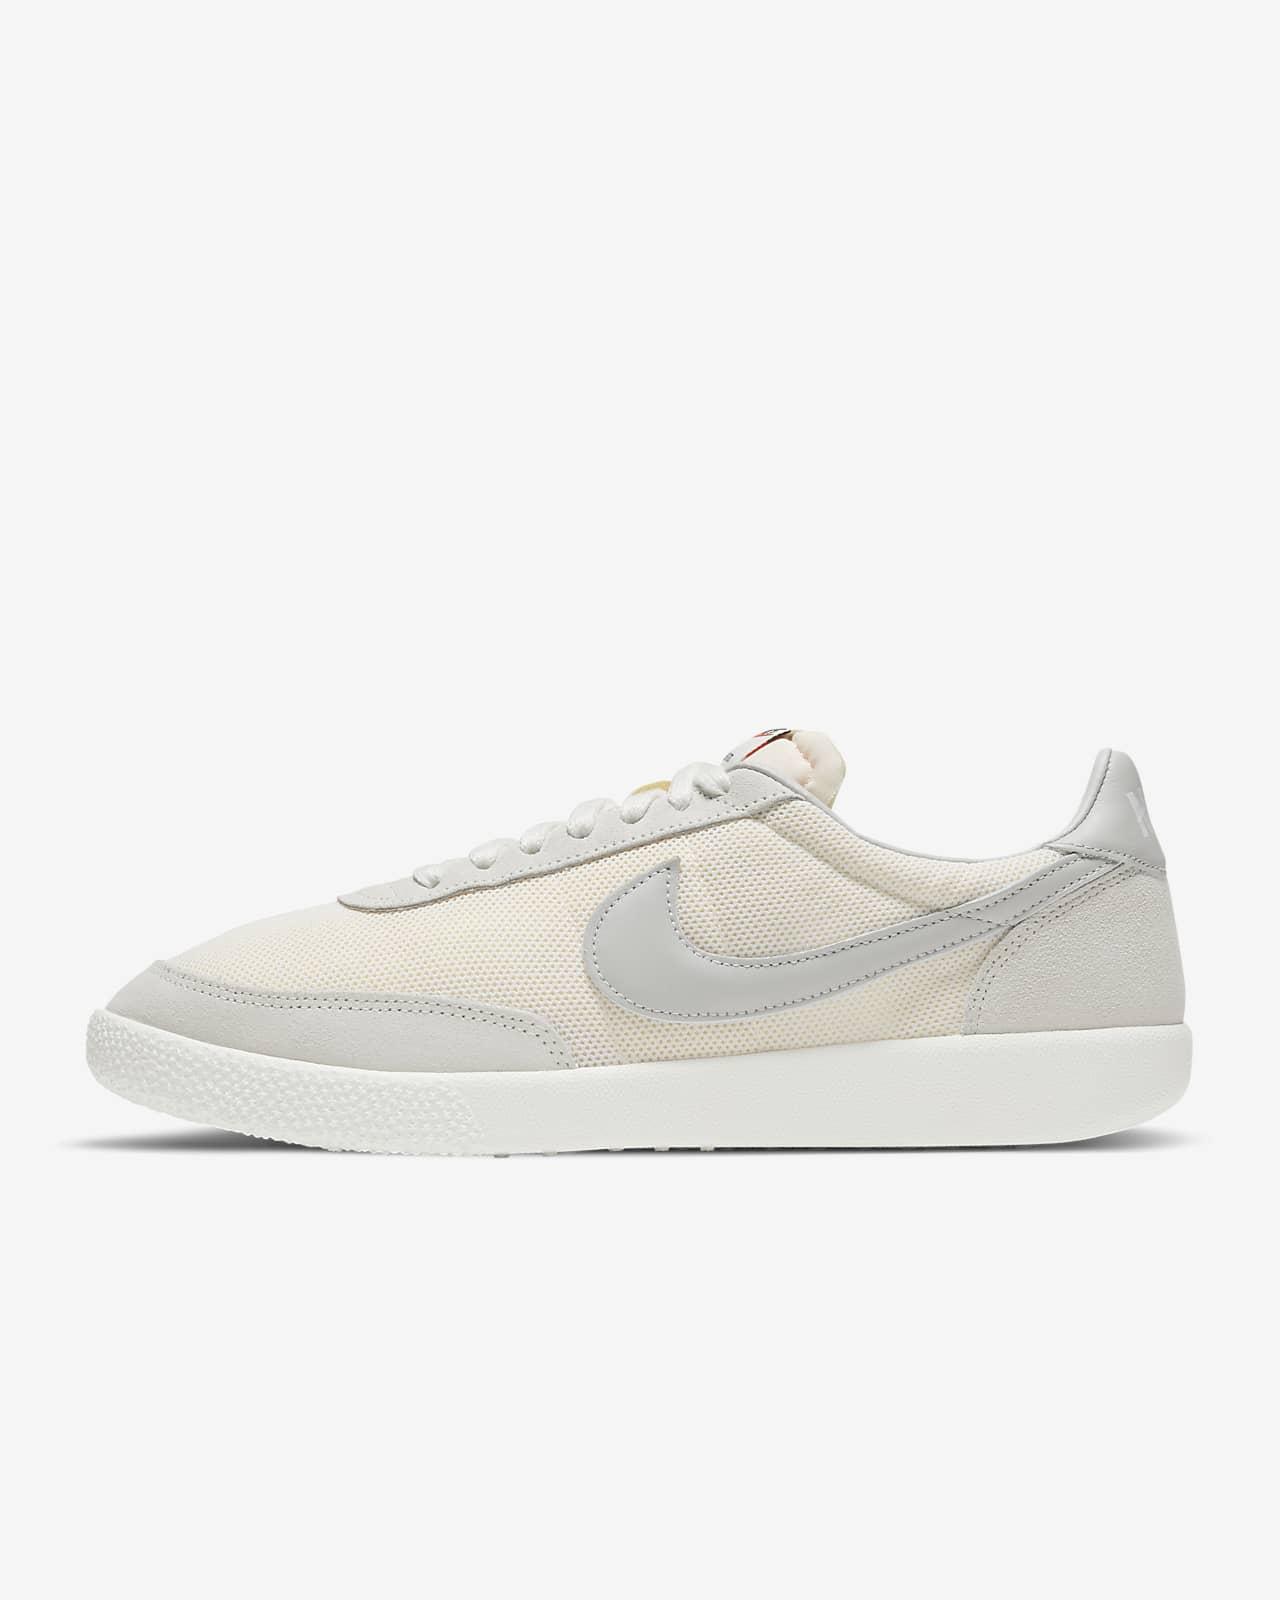 Nike Killshot OG Men's Shoes